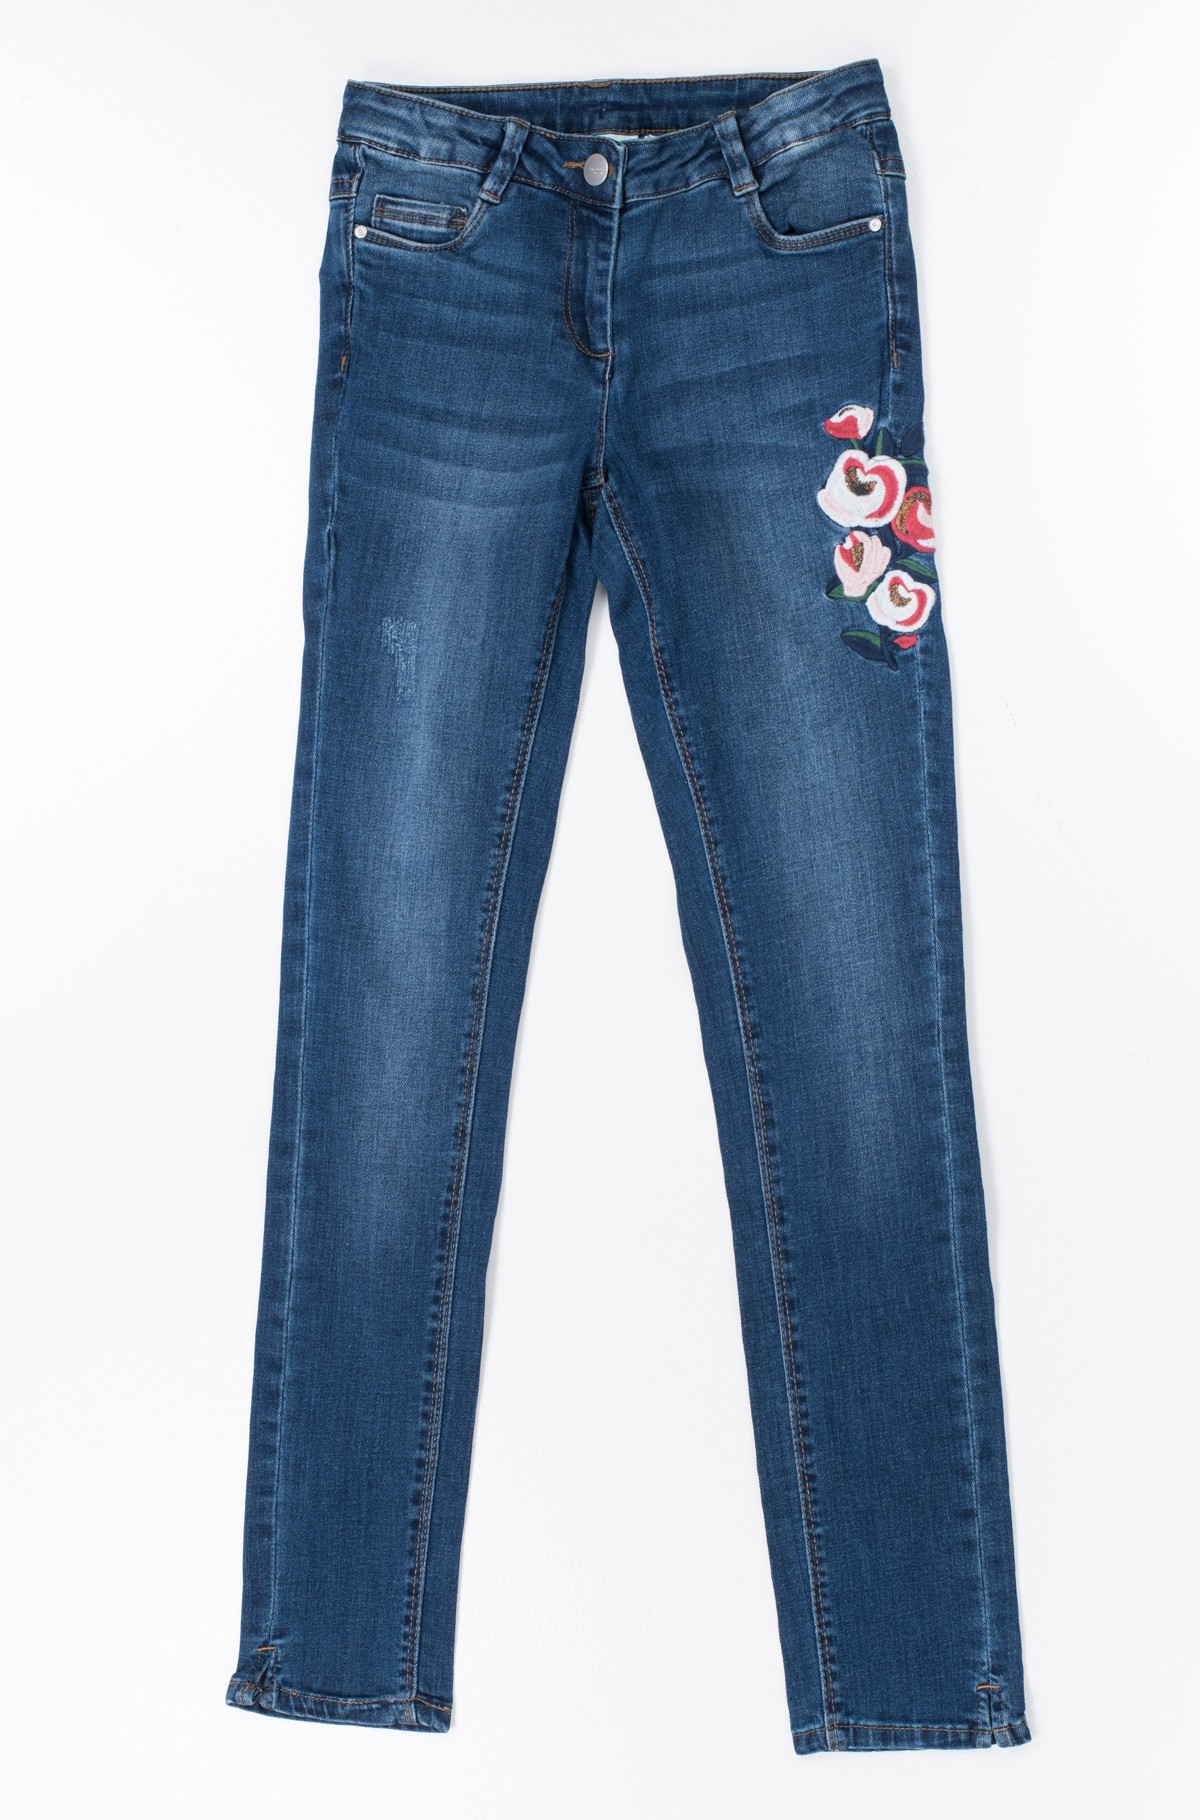 Vaikiškos džinsinės kelnės 62062110040-full-1